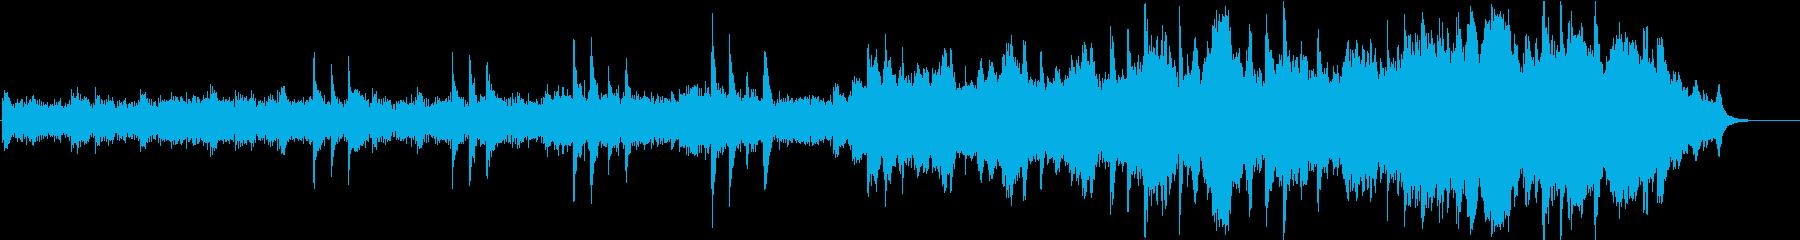 ピアノとストリングスのゆったりとした曲の再生済みの波形